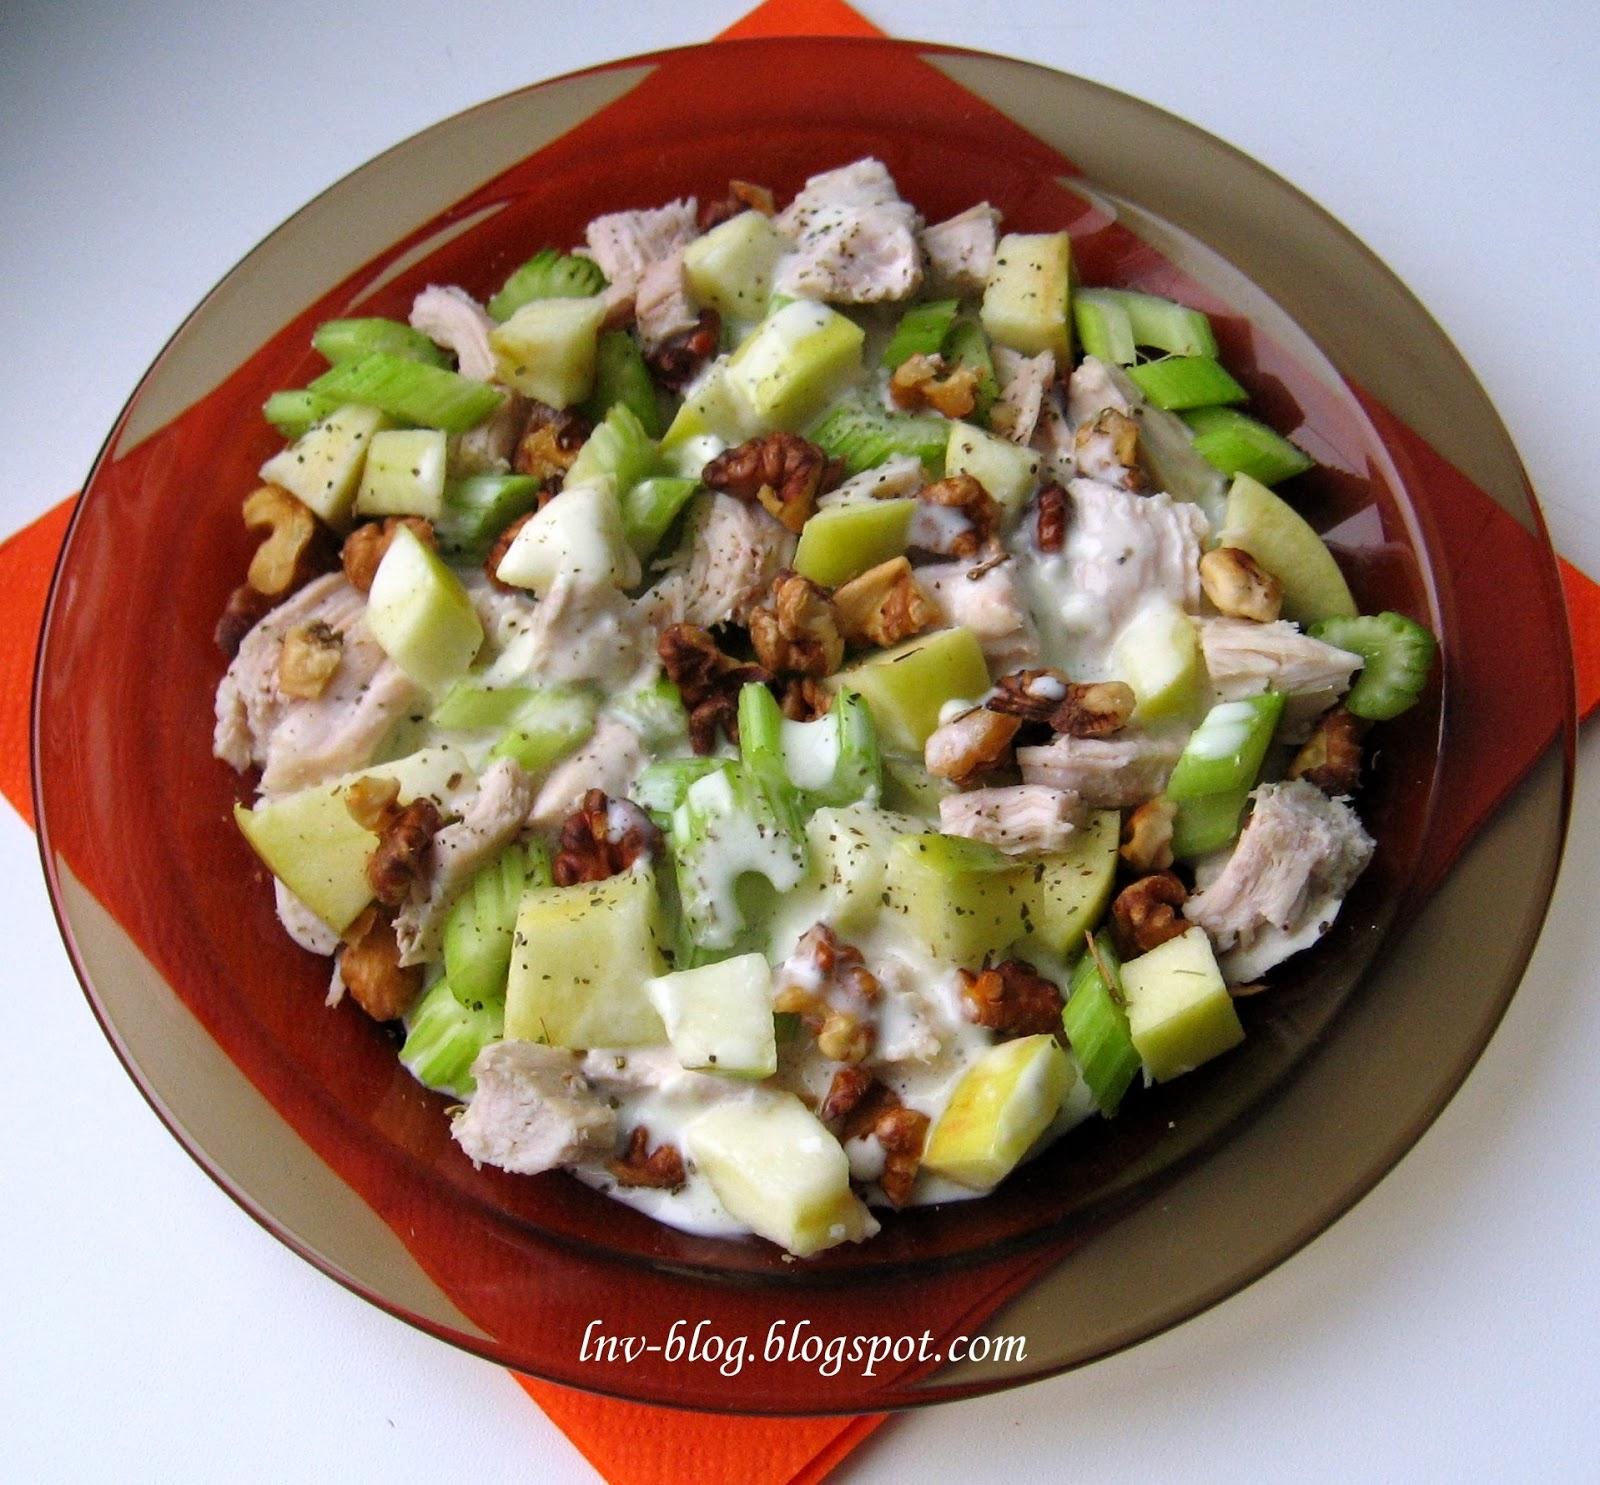 Салат с яблоками и курицей рекомендации